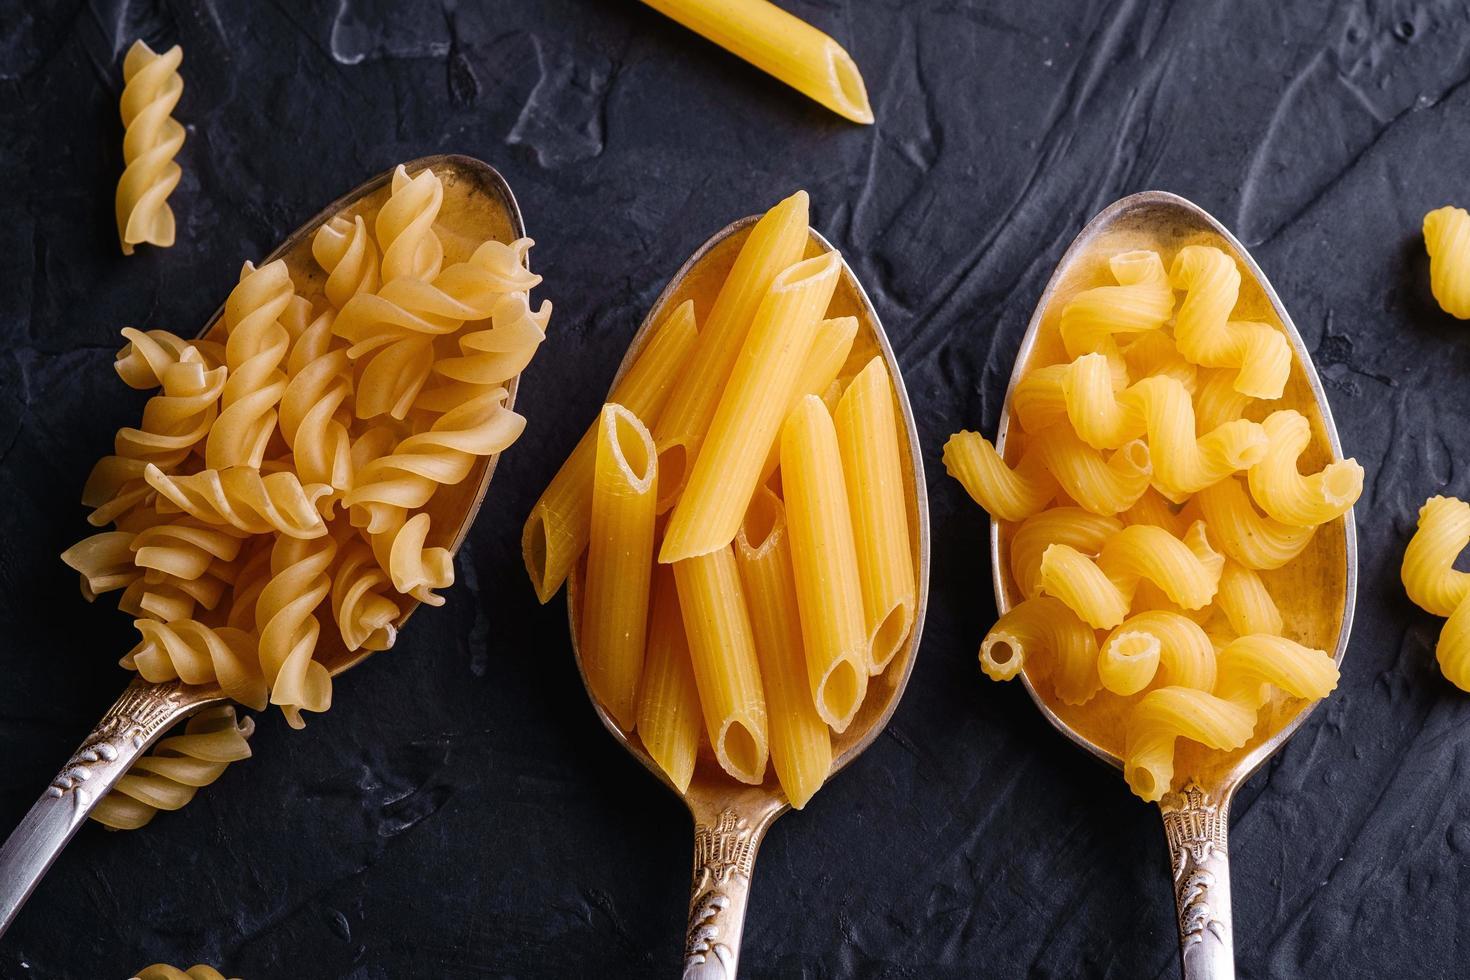 Tres cucharas de cubiertos con pasta cruda sobre fondo negro oscuro con textura foto